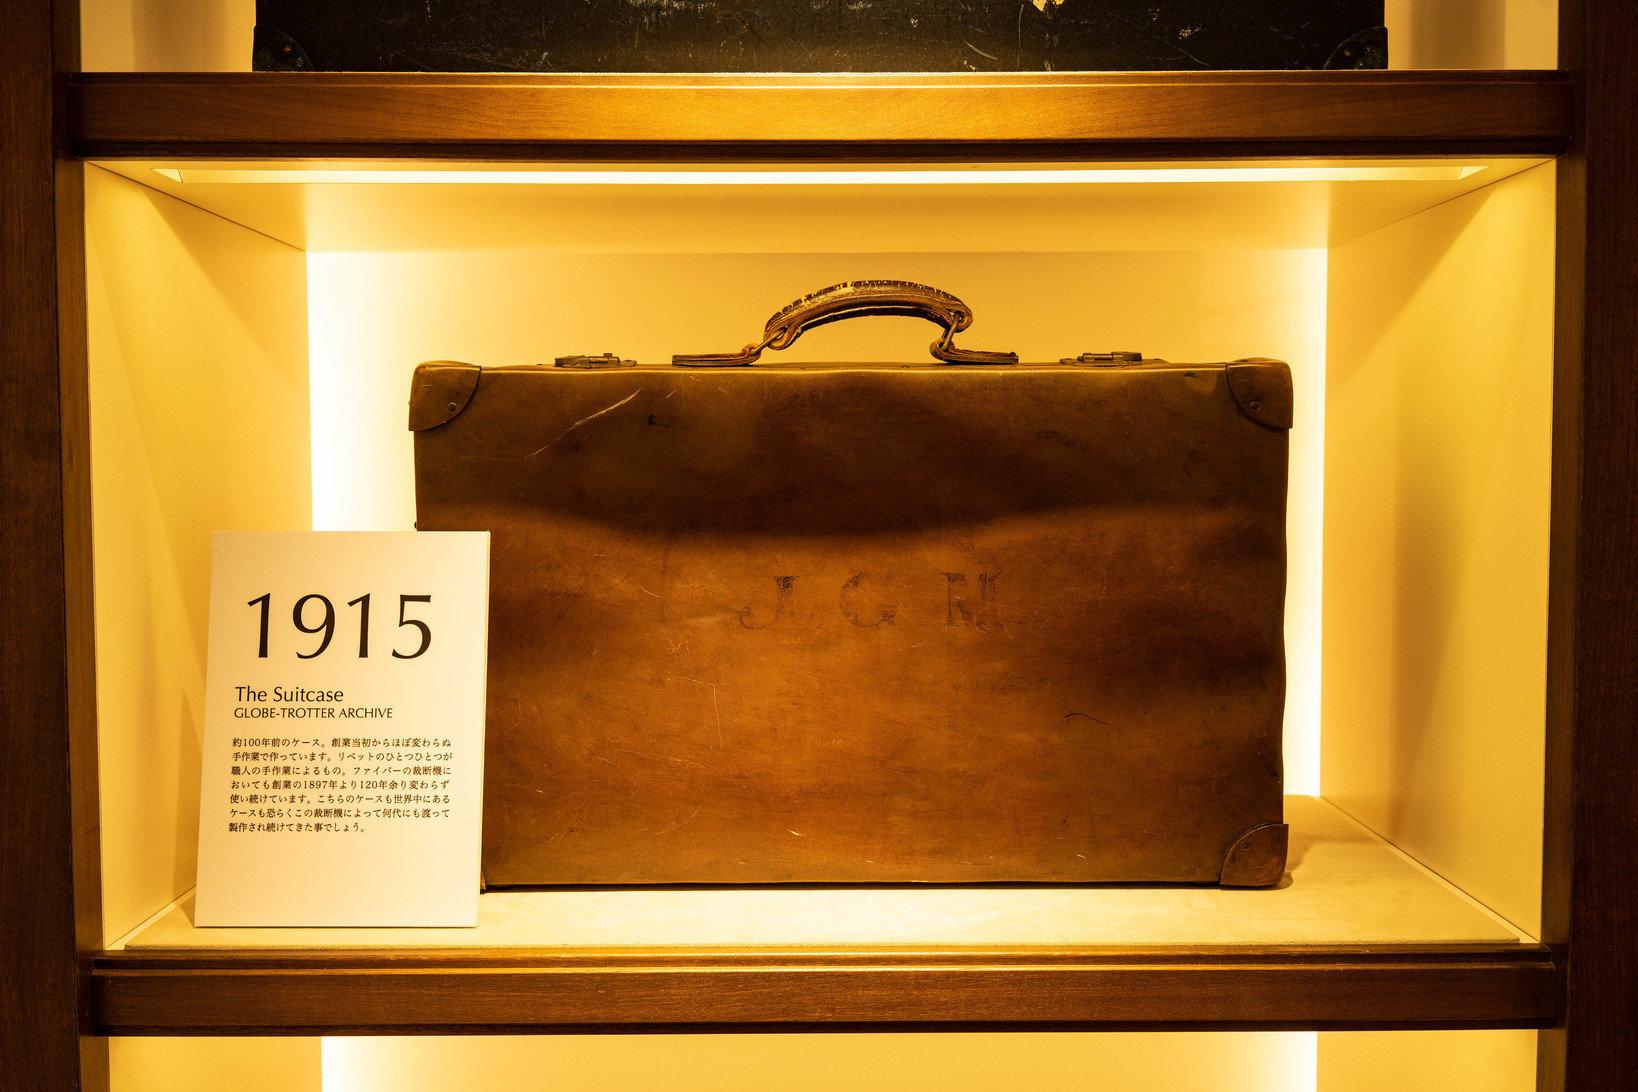 1915年製造のモデル。2019年現在も使われ続ける裁断機でボディ素材を切って作られた。この時代では、コーナー部分も含めて同ブランドのアイコン的素材である「ヴァルカン・ファイバー」で作られている。